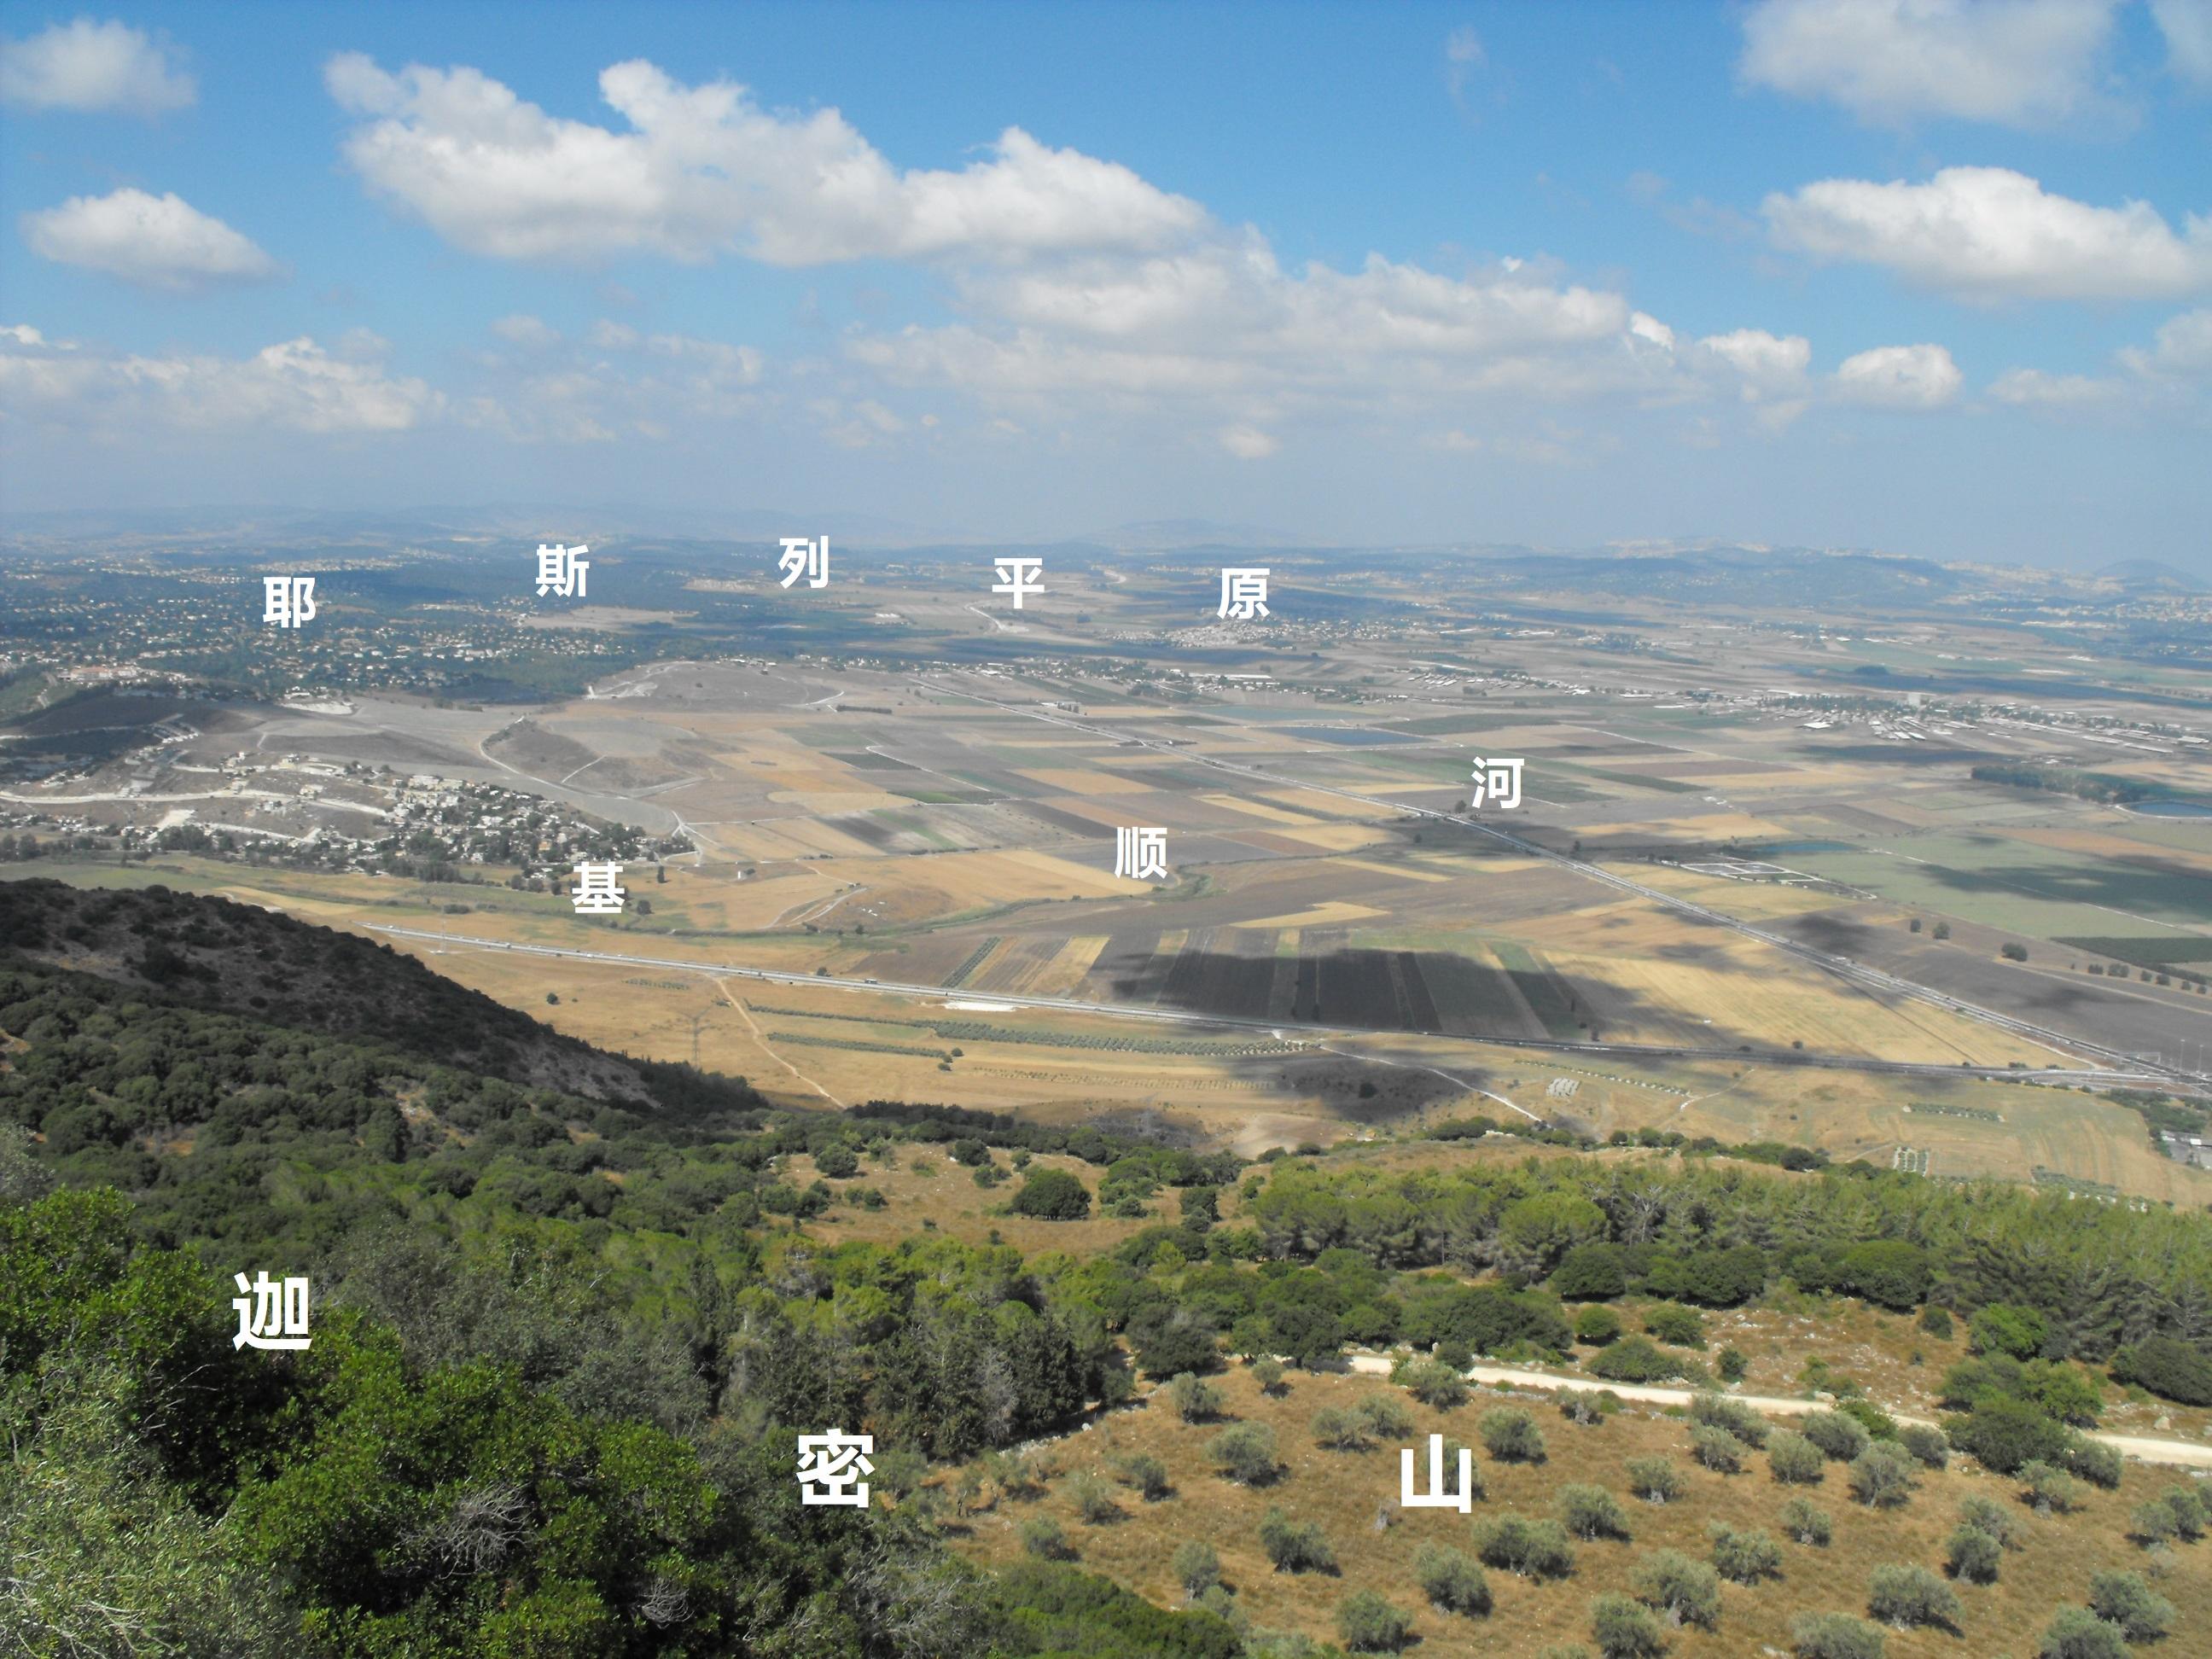 上图:从迦密山俯瞰基顺河与耶斯列平原。